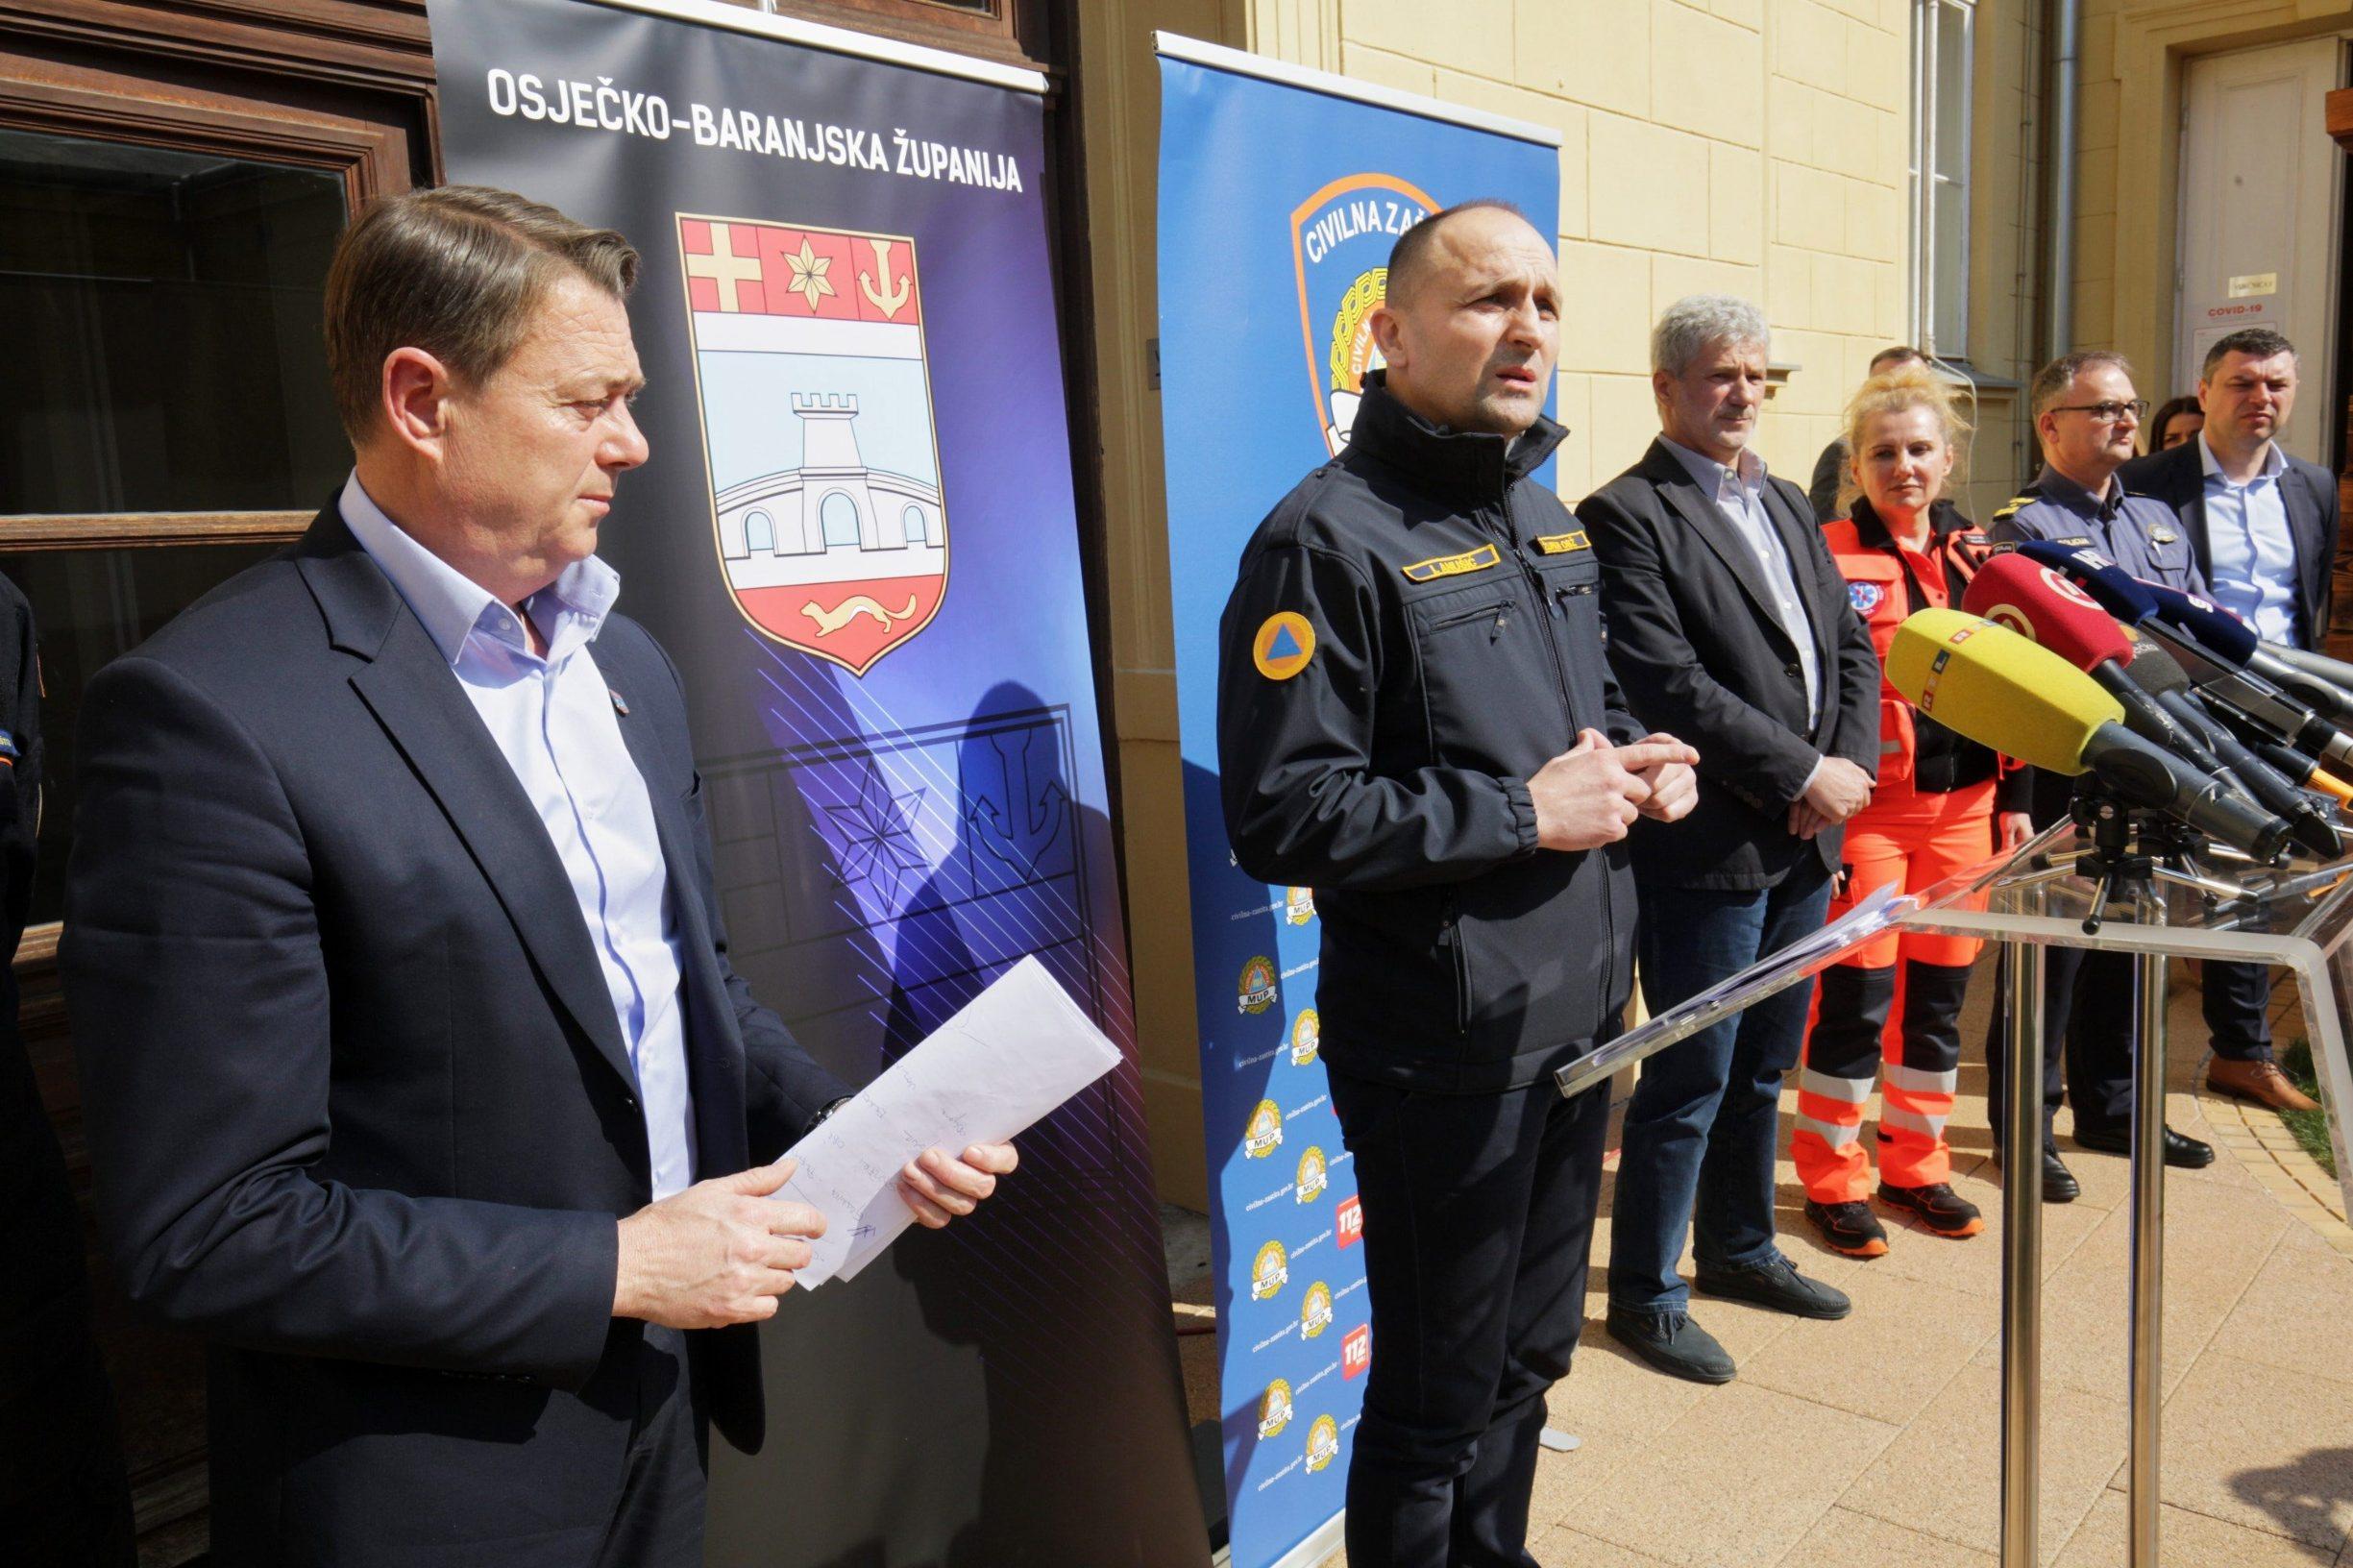 Osijek, 180320 Konferencija za medije Stozera za civilnu zastitu OBZ-a.  Na fotografiji: Goran Ivanovici Ivan Anusic zupan osjecko baranjski.  Foto: Vlado Kos / CROPIX